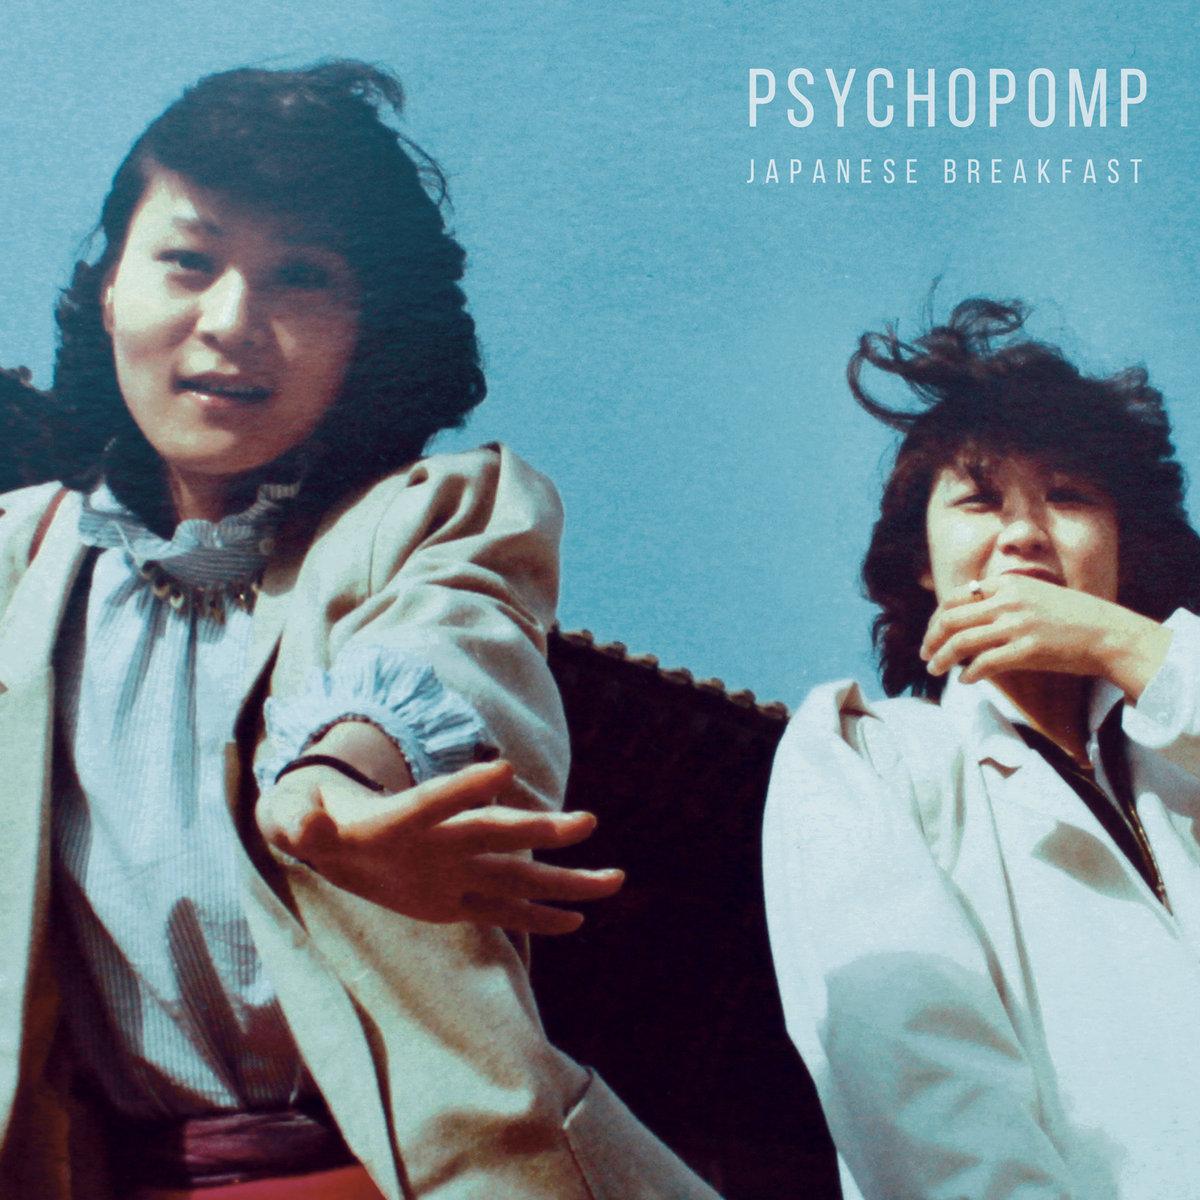 Psychopomp by Japanese Breakfast.jpg